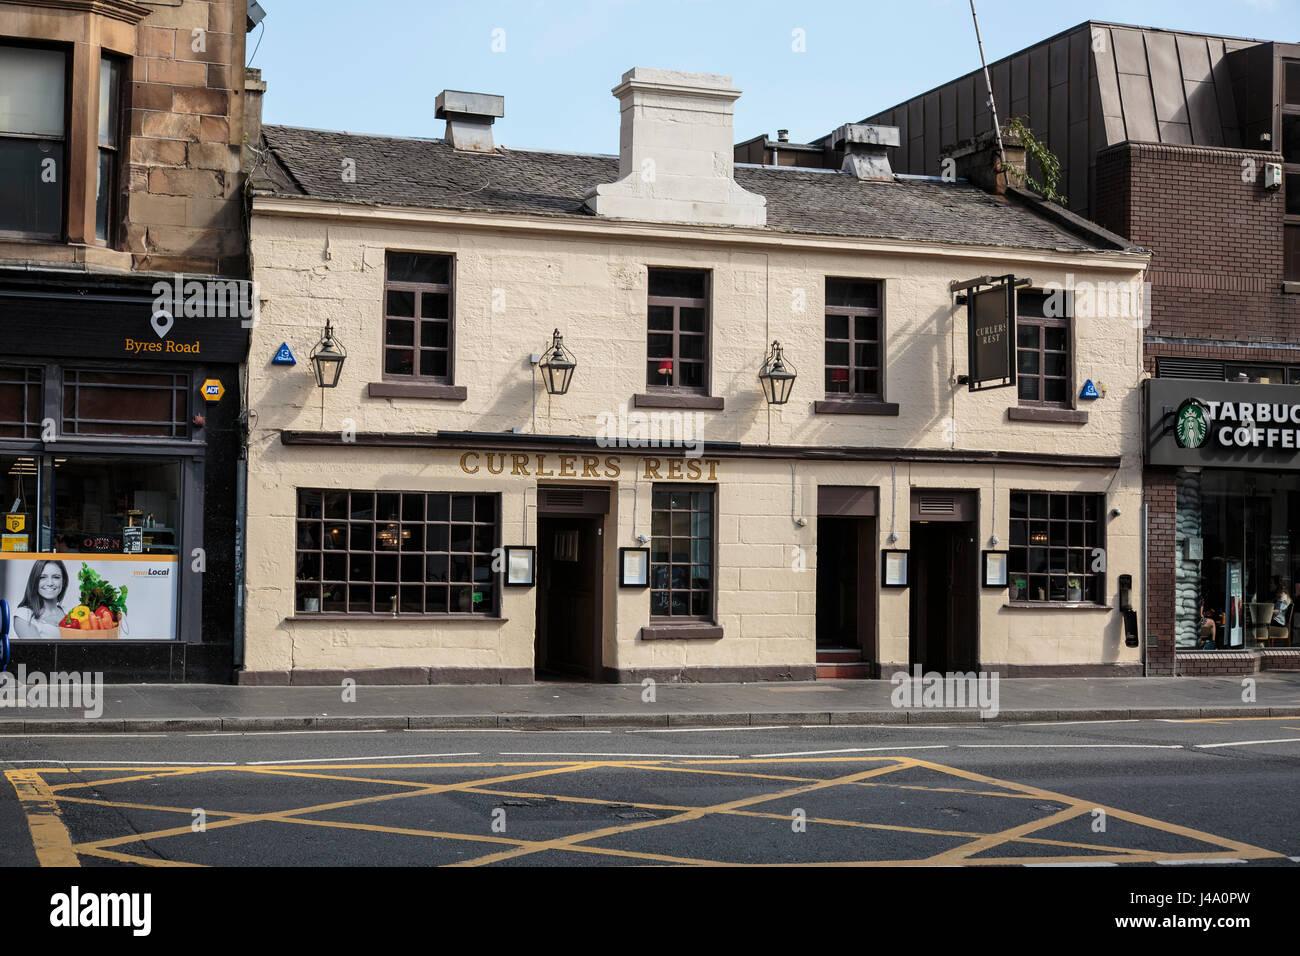 Uno de los pubs más famosos de Glasgow, el rulo resto encontrado en la mitad de Byres Road, en el extremo oeste Imagen De Stock